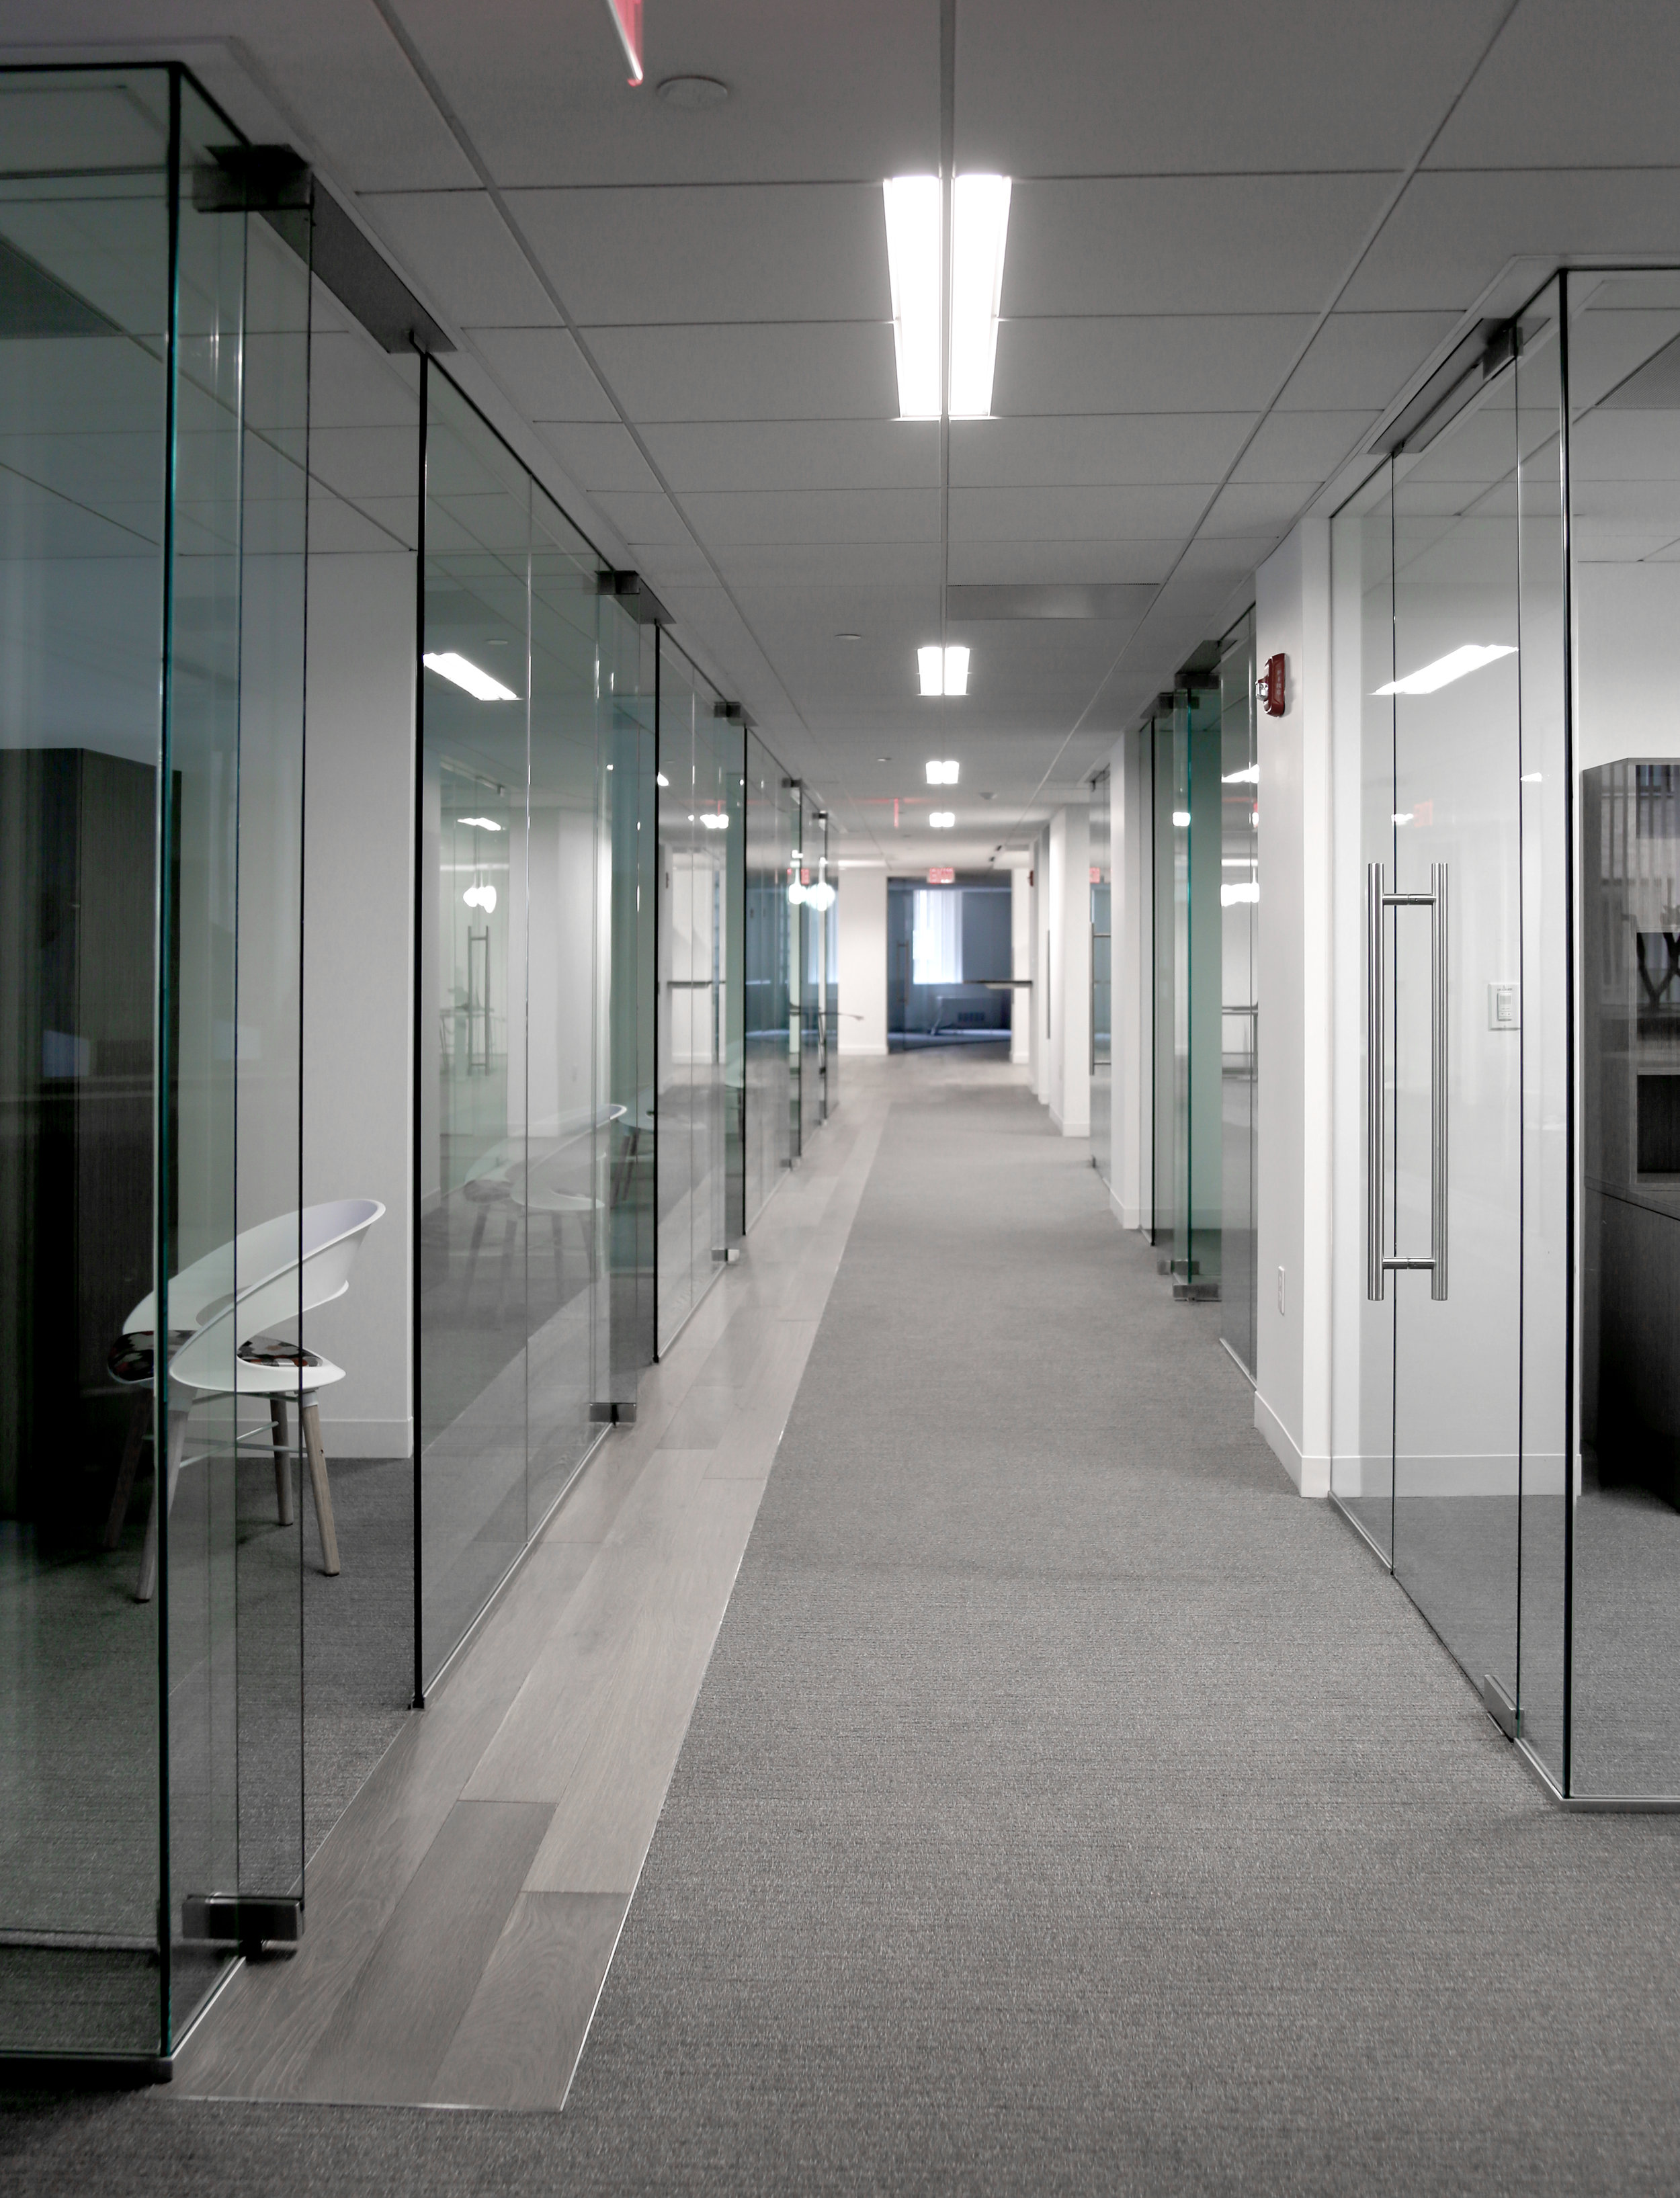 Illume Frameless Glass Office Frameless Glass Doors - Spaceworks AI.jpg